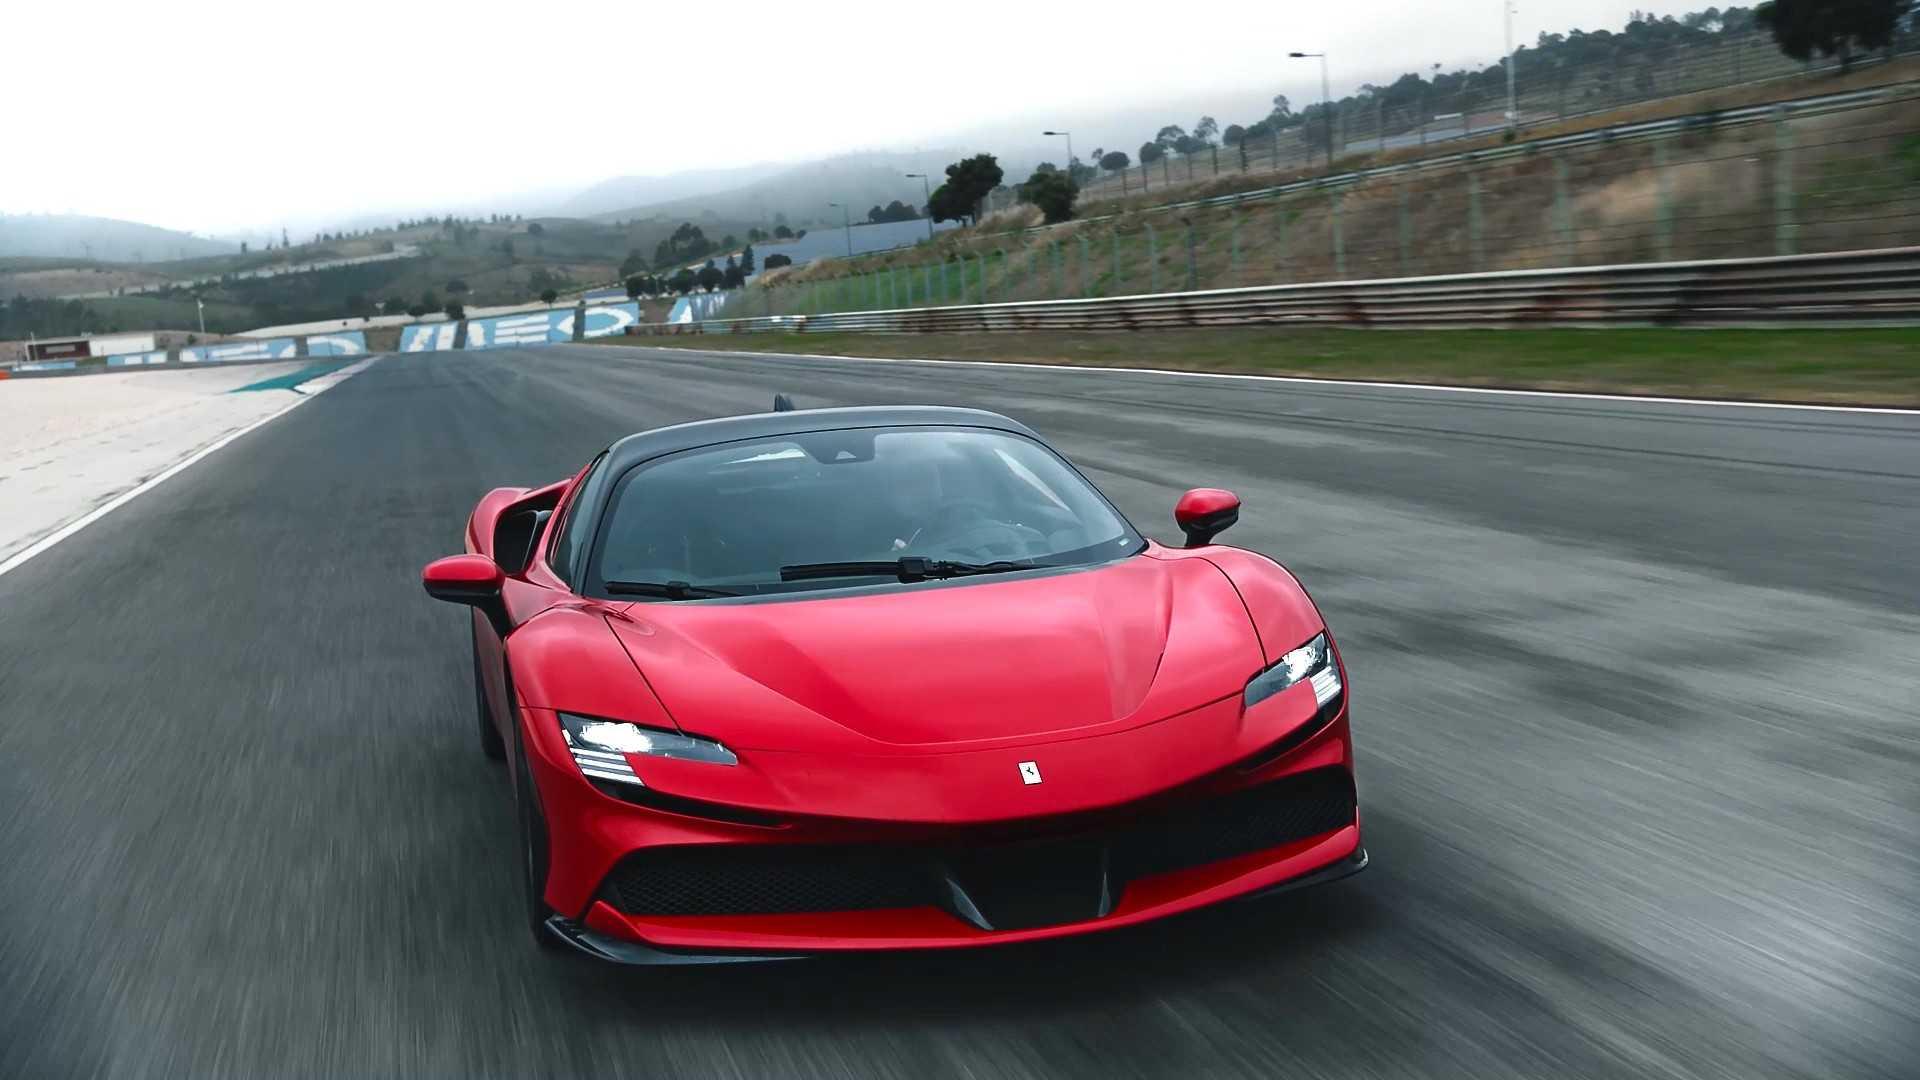 Живые фото и видео самого быстрого суперкара Ferrari в истории